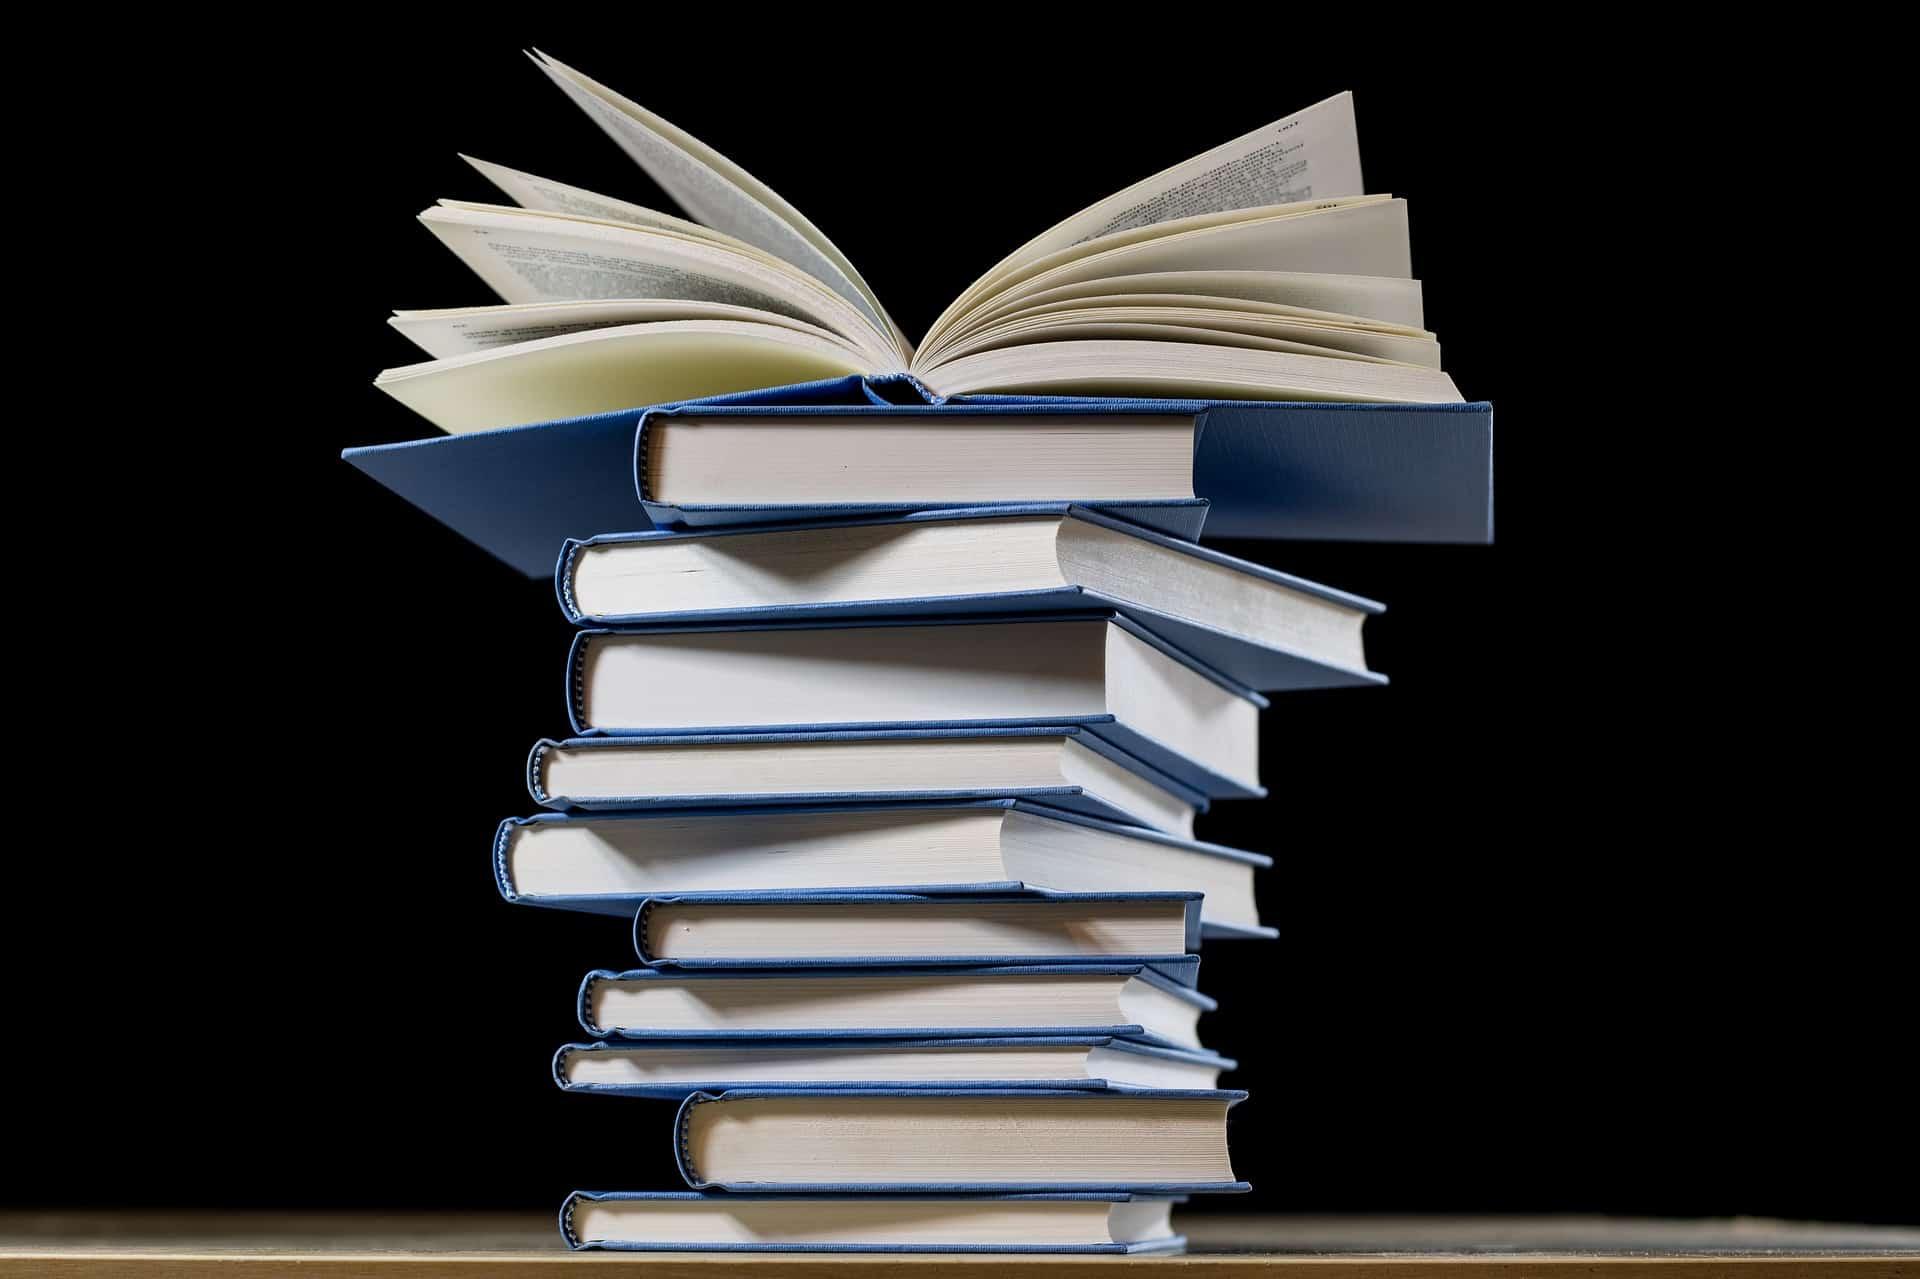 אירועי שבוע הספר נפתחים השבוע